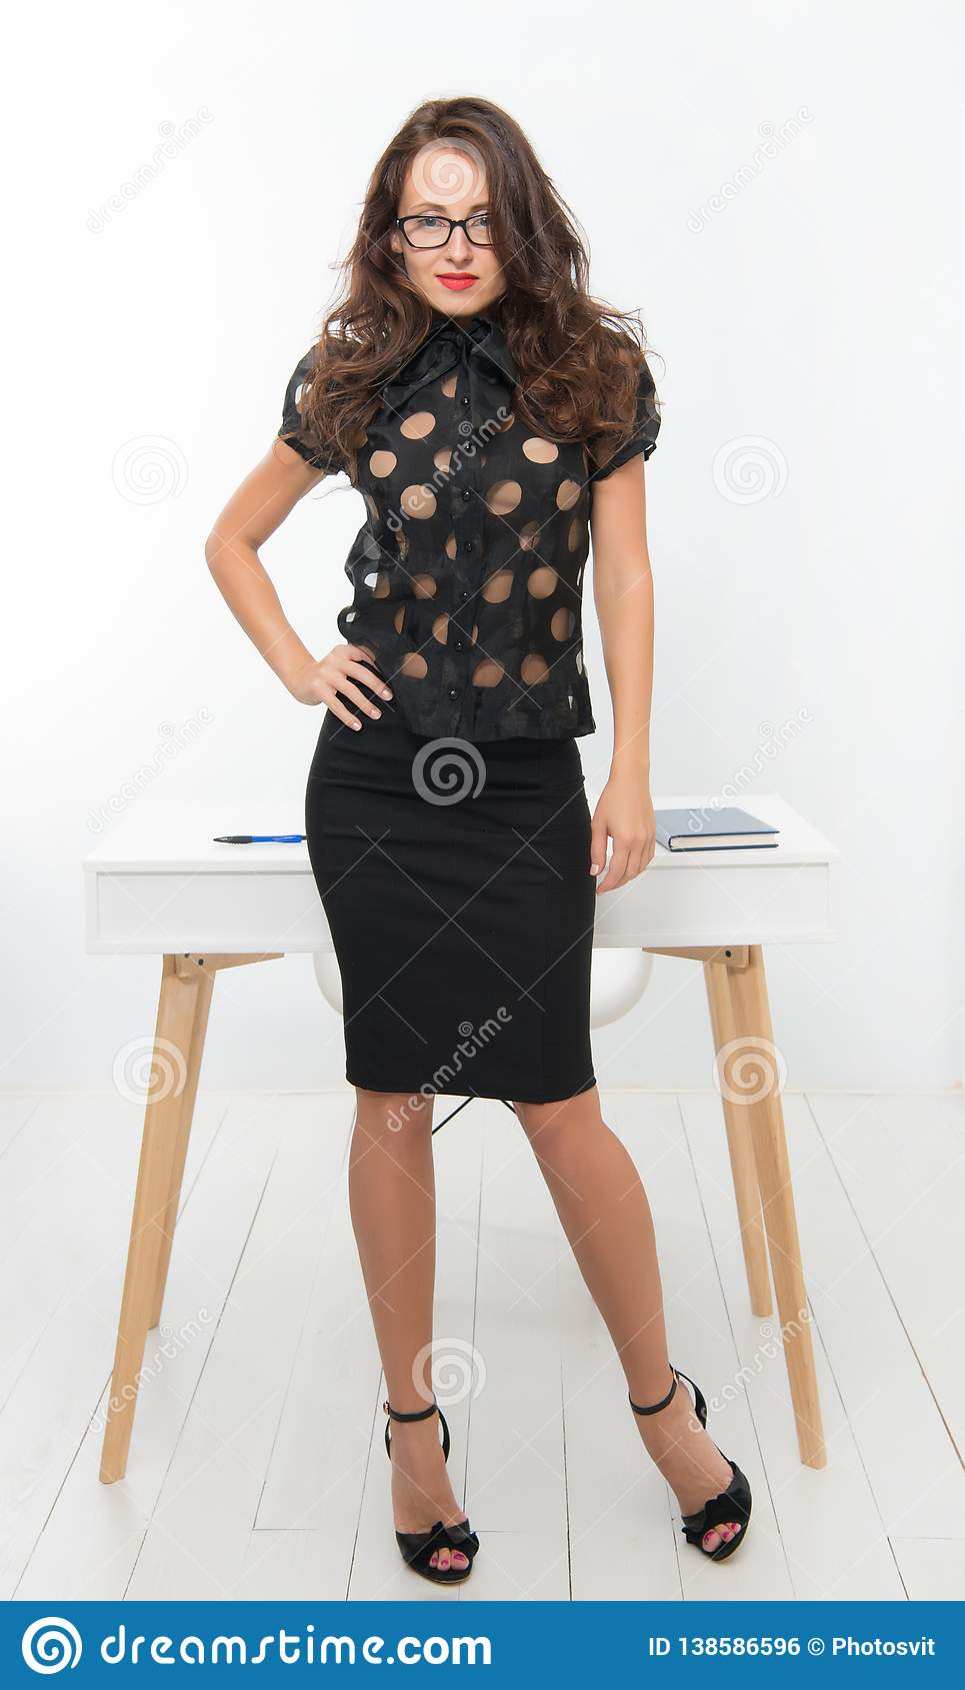 Работа девушка модель студент работа вахта север для девушки